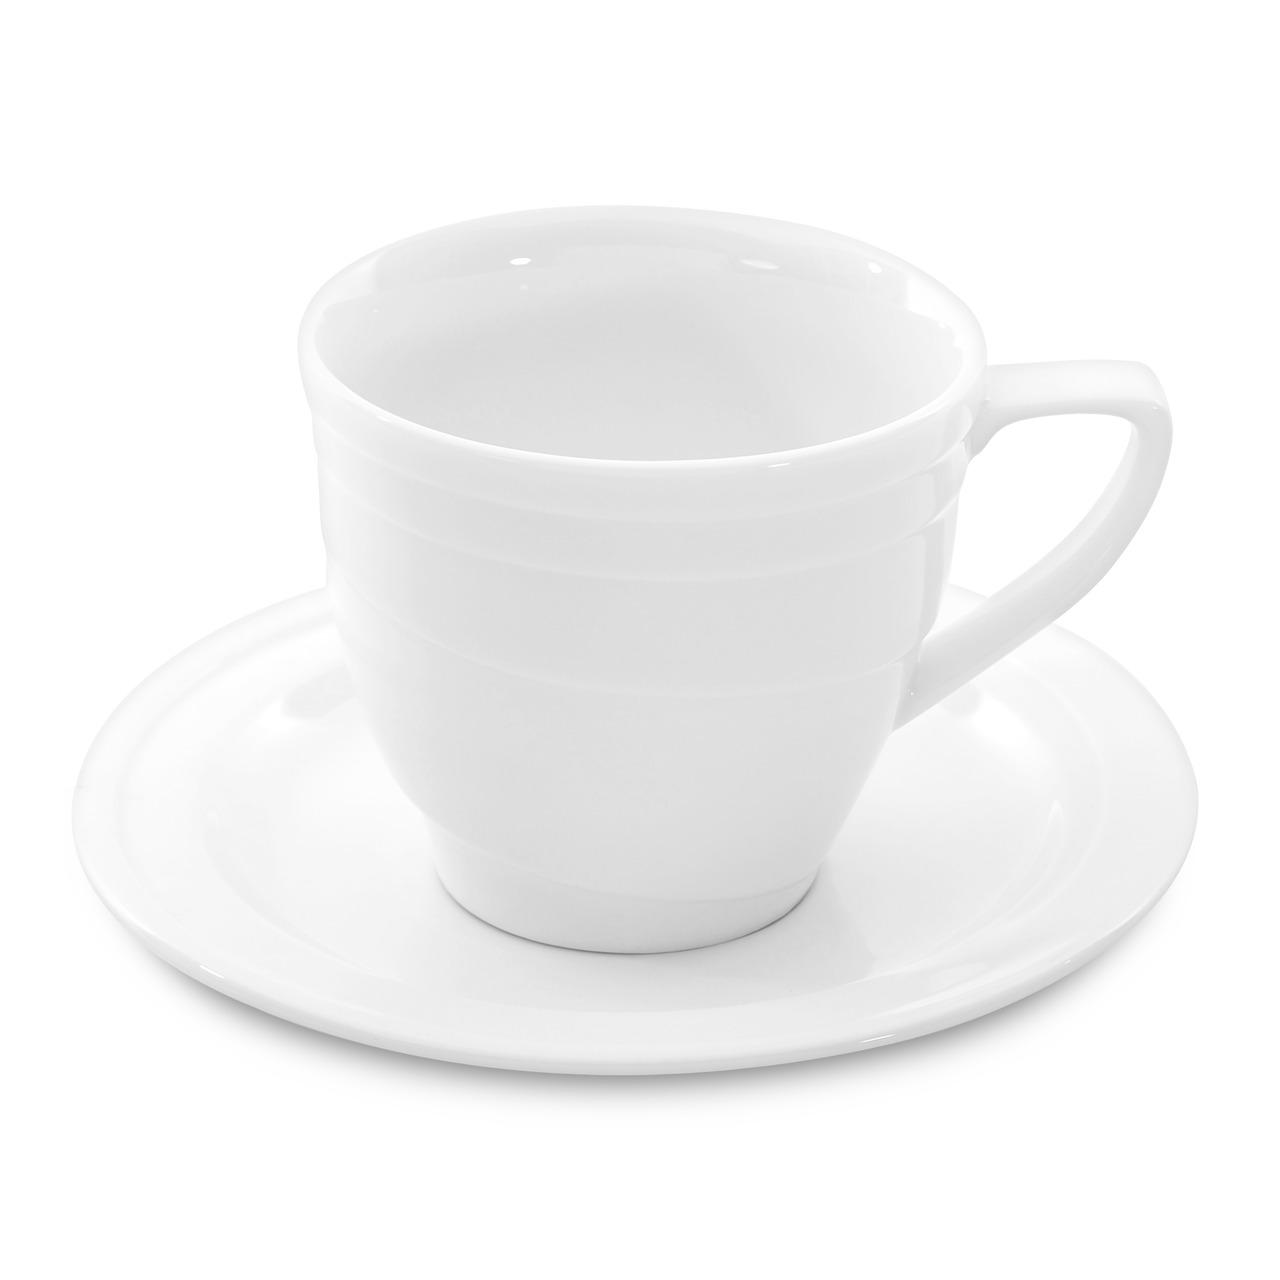 Фото Чашка для кофе с блюдцем 180 мл BergHOFF Hotel